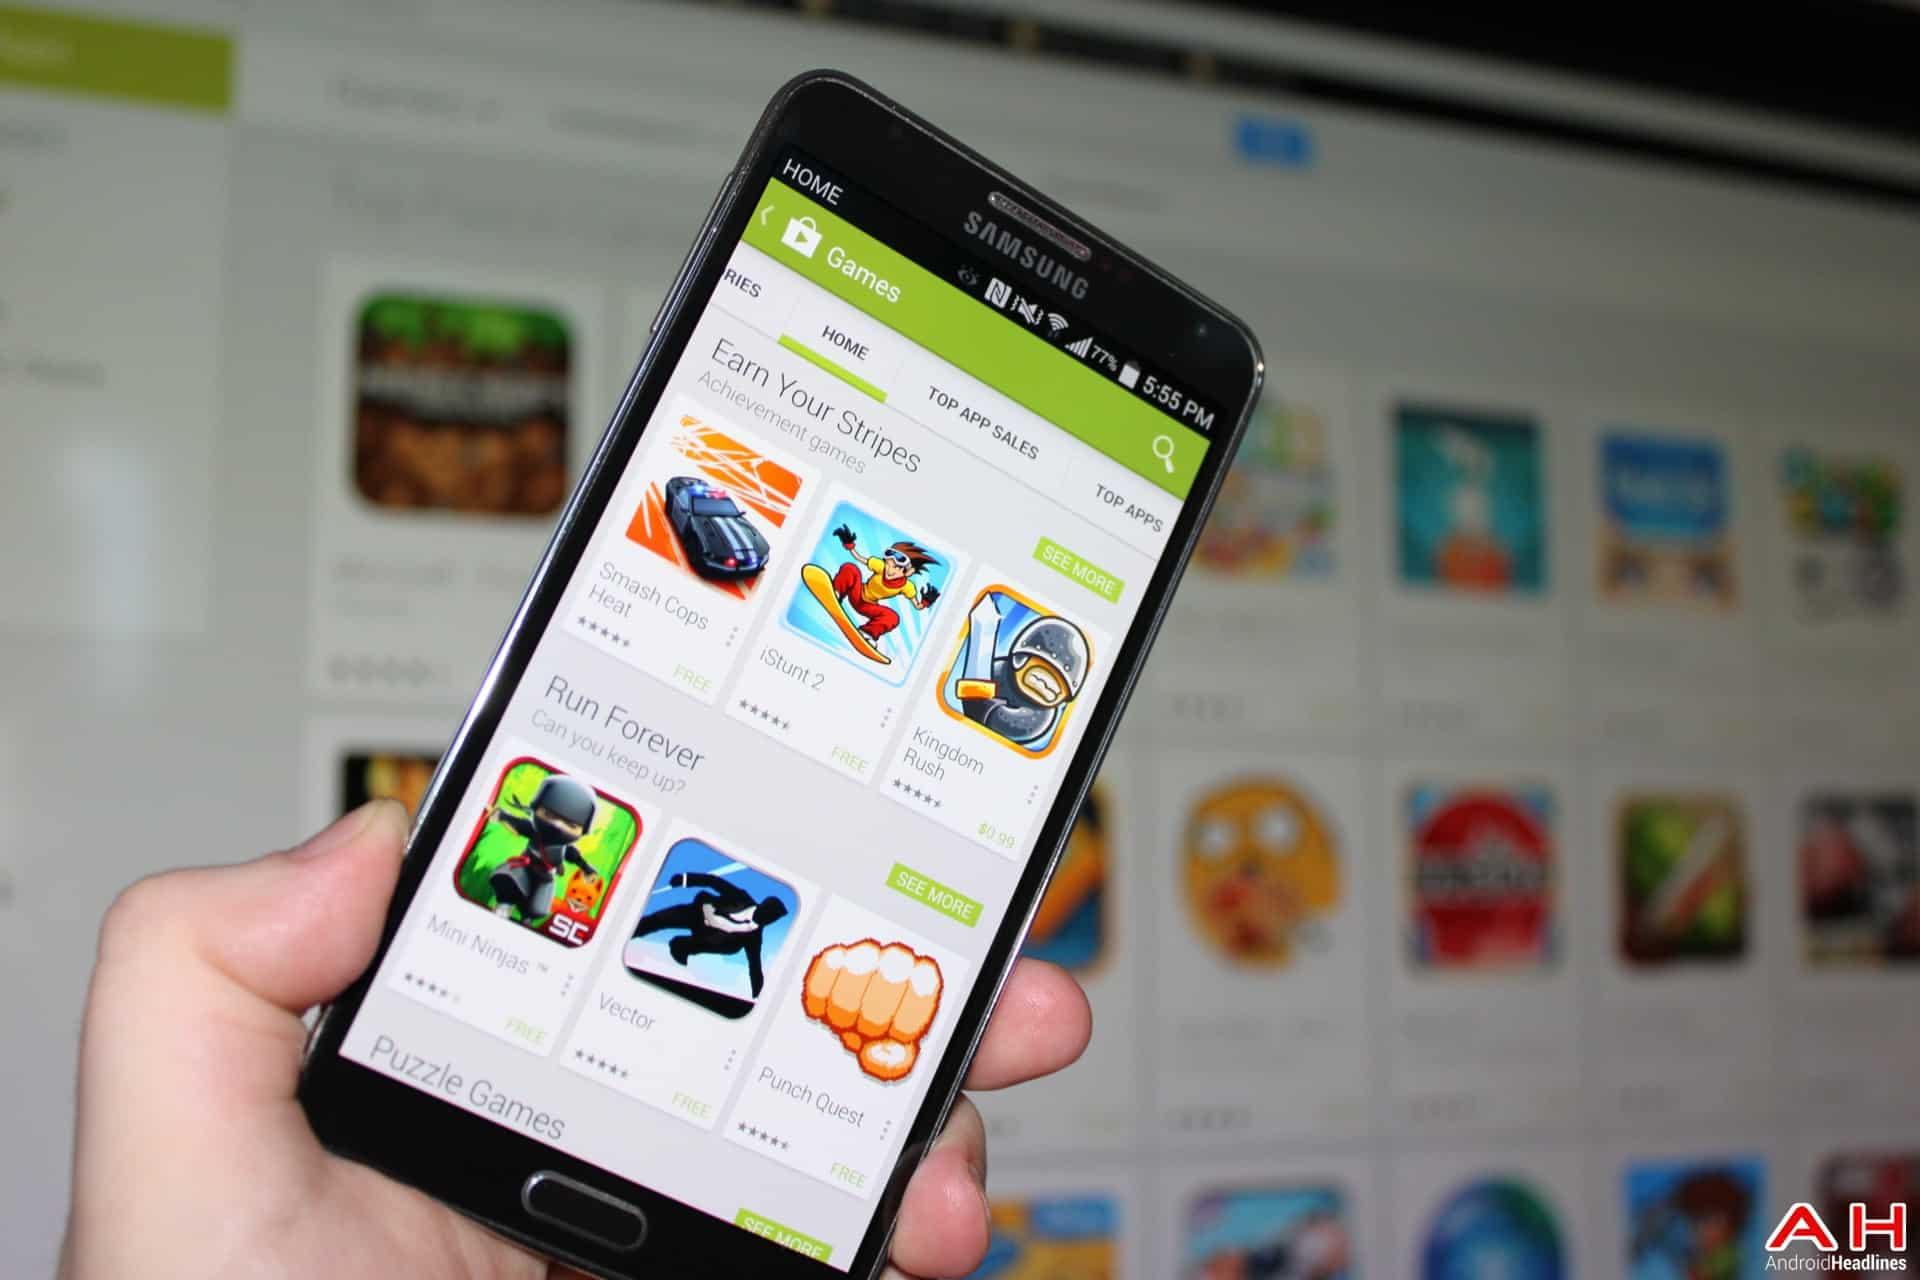 AH Google Play App Store Jeu de la semaine Top 10 des jeux Android 1.1